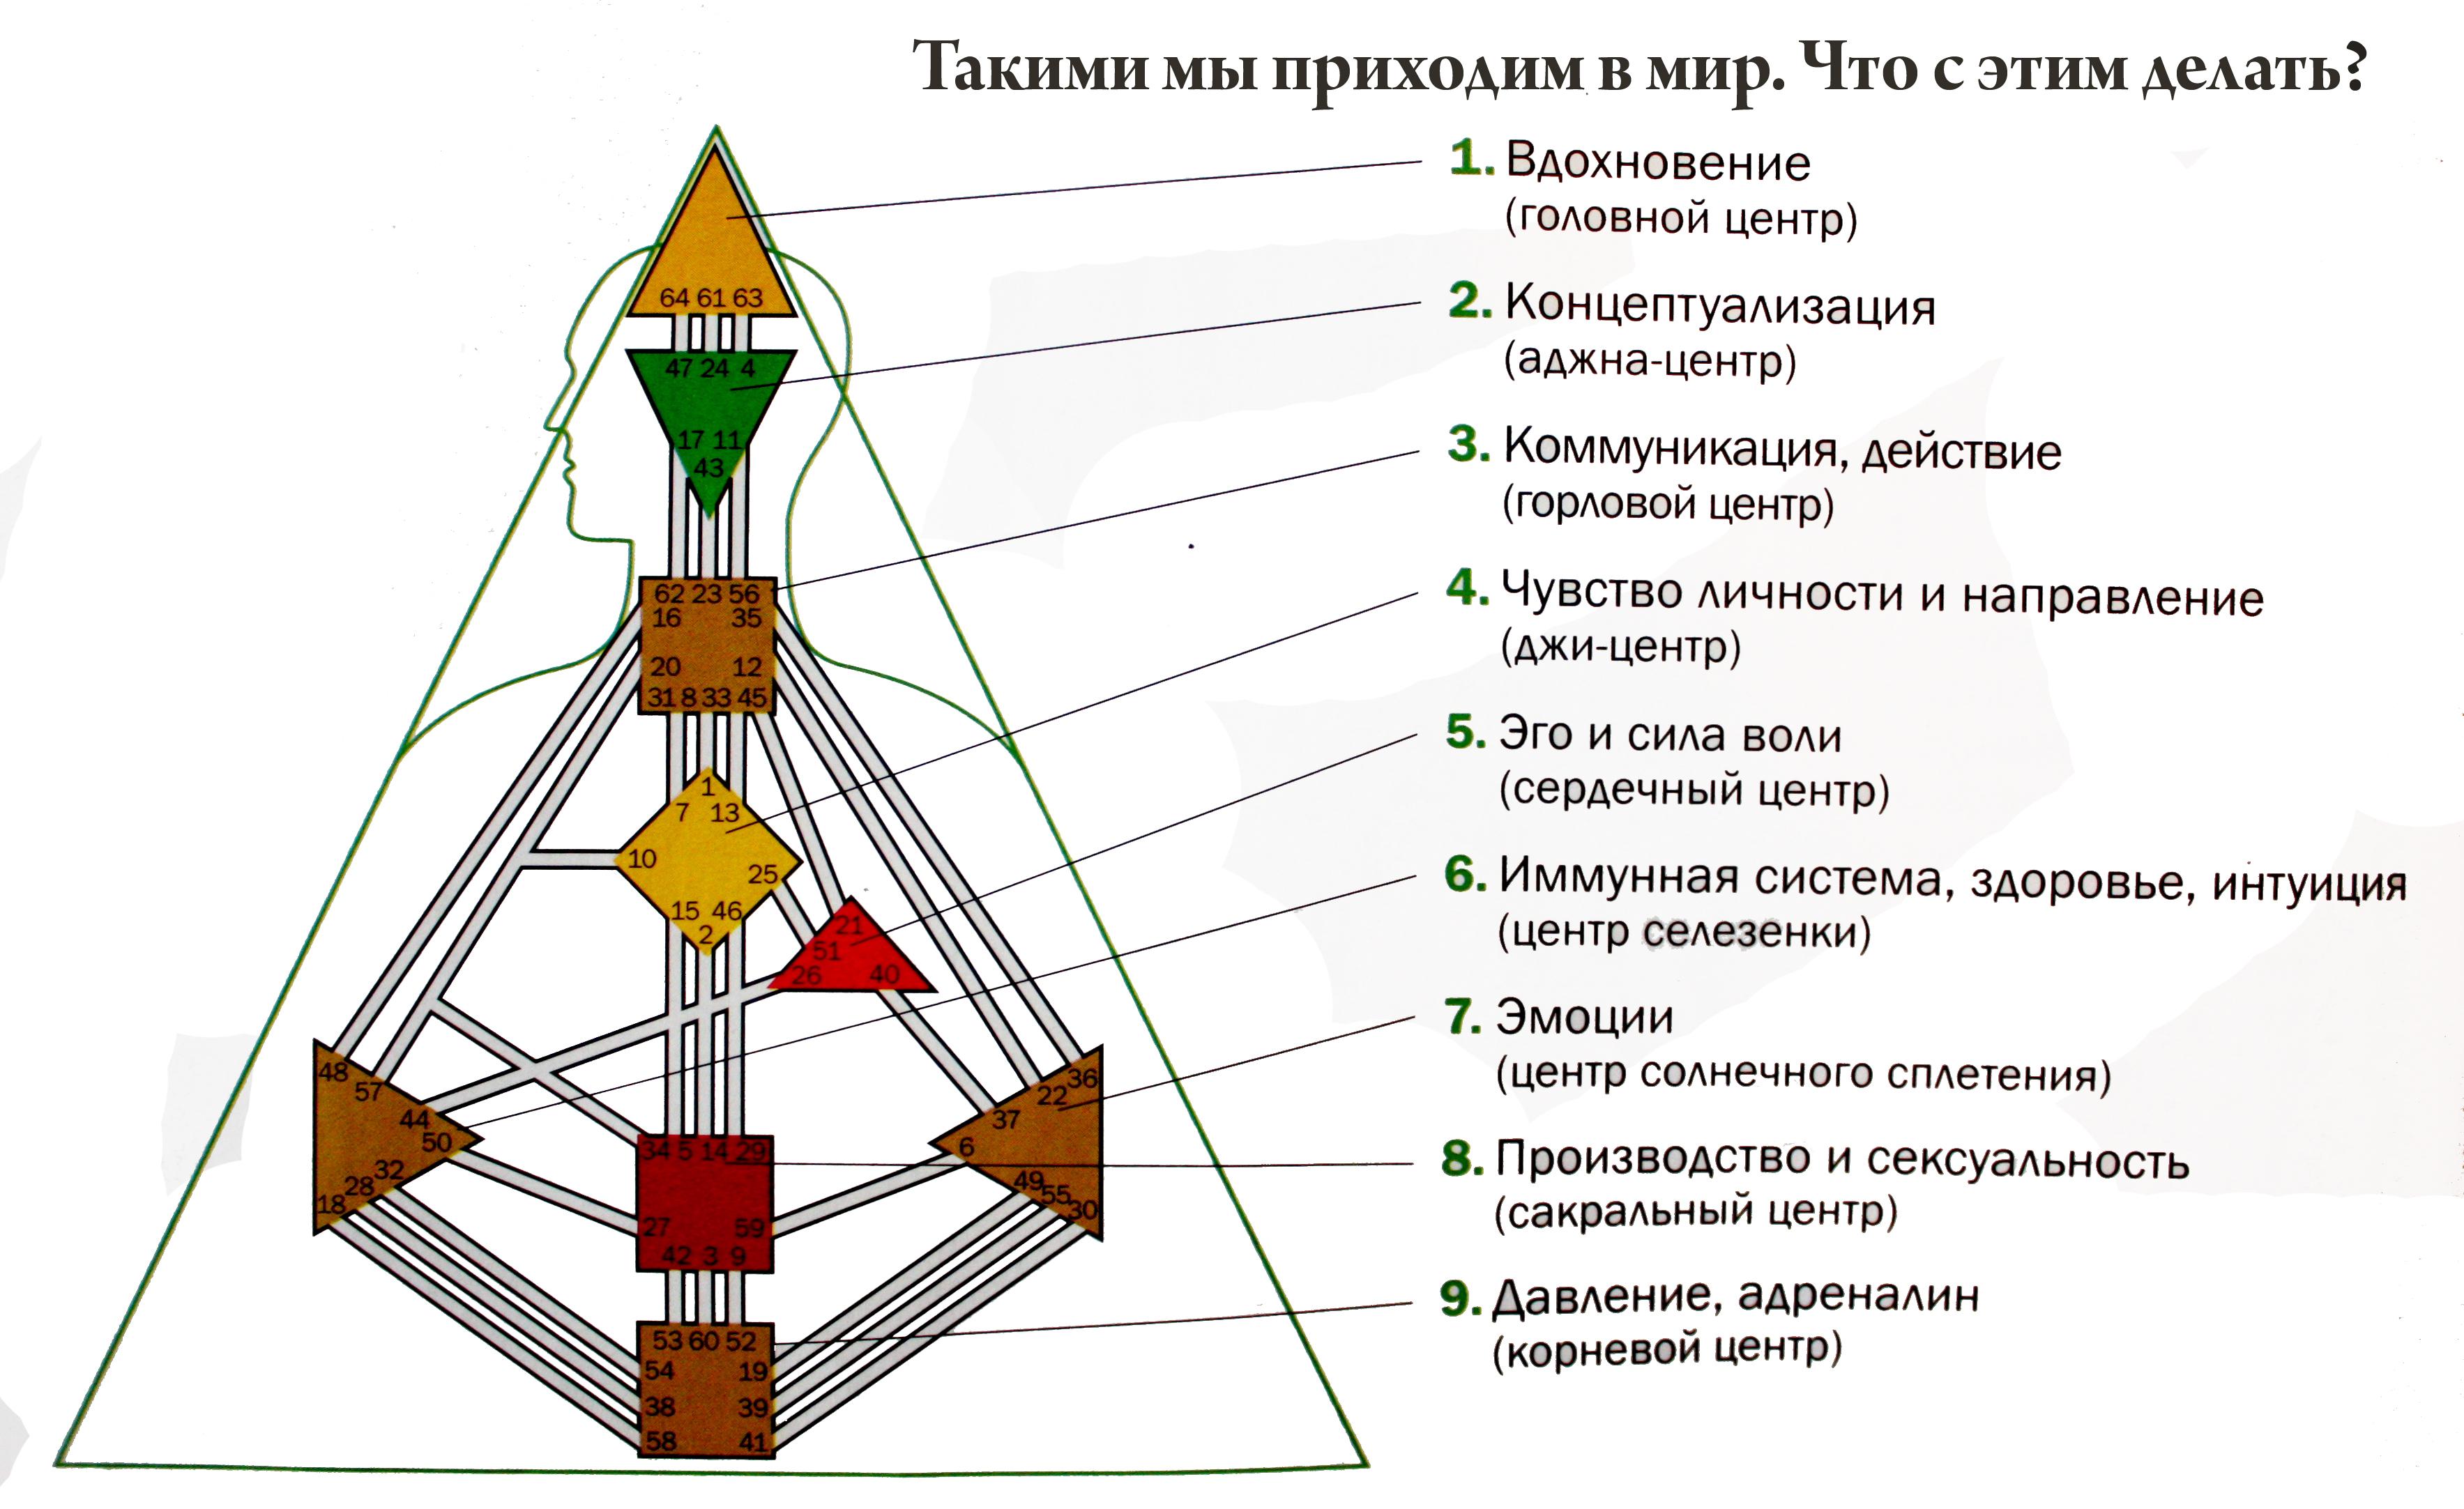 Дизайн человека описание каналов